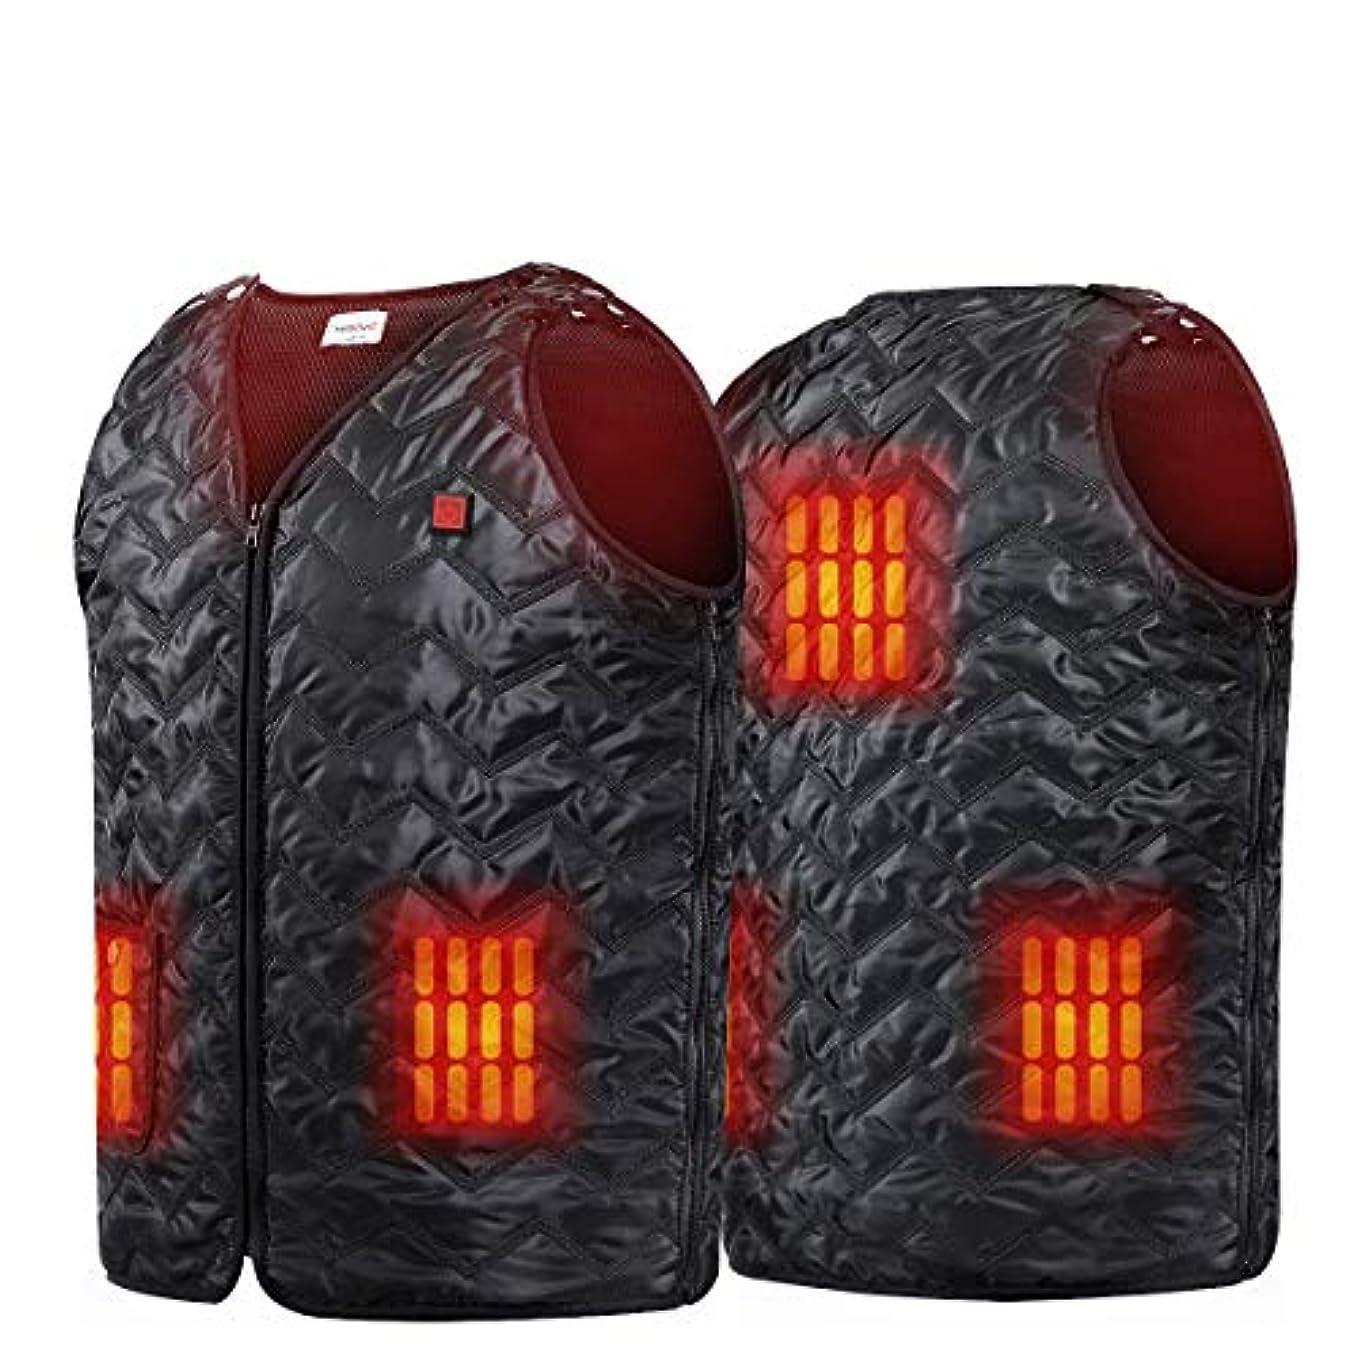 気を散らす待ってクローゼットNiubalac 温水ベスト バイク用 ハイキング 狩猟 釣り スキー用 5パネル加熱服サイズ調節可能なウォッシャブル軽量鎮痛剤を充電USB アウトドアアクティビティは男性女性ユニセックス 適合します Lサイズ ブラック